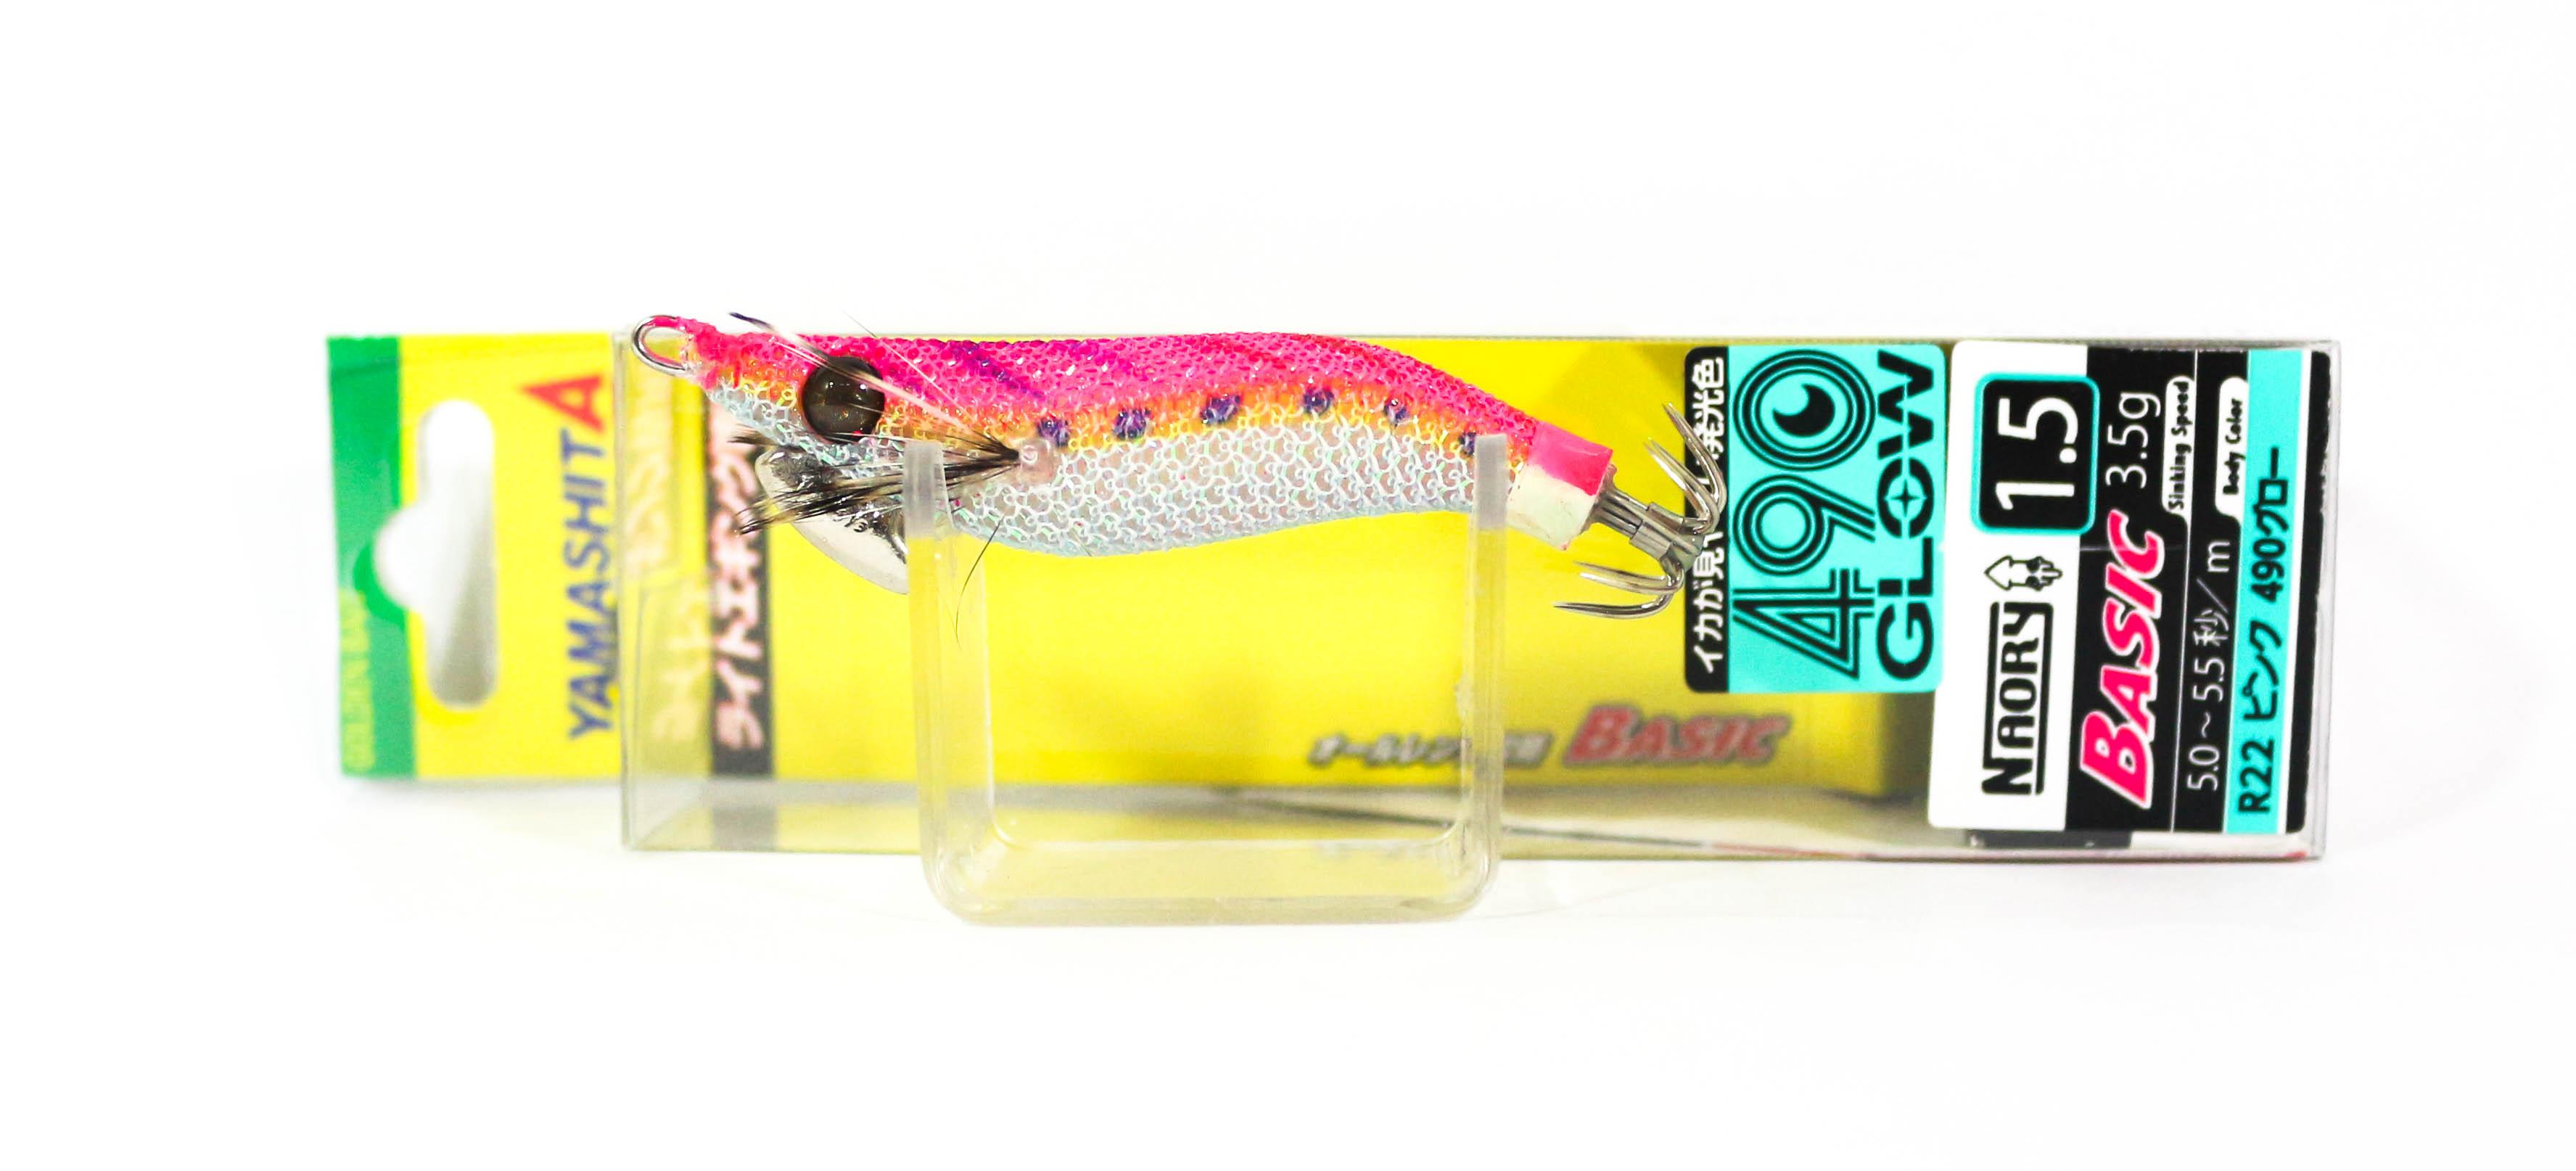 Yamashita Naory RH Squid Jig 1.5B - 3.5 grams - 5-5.5 sec per meter R22 (9239)